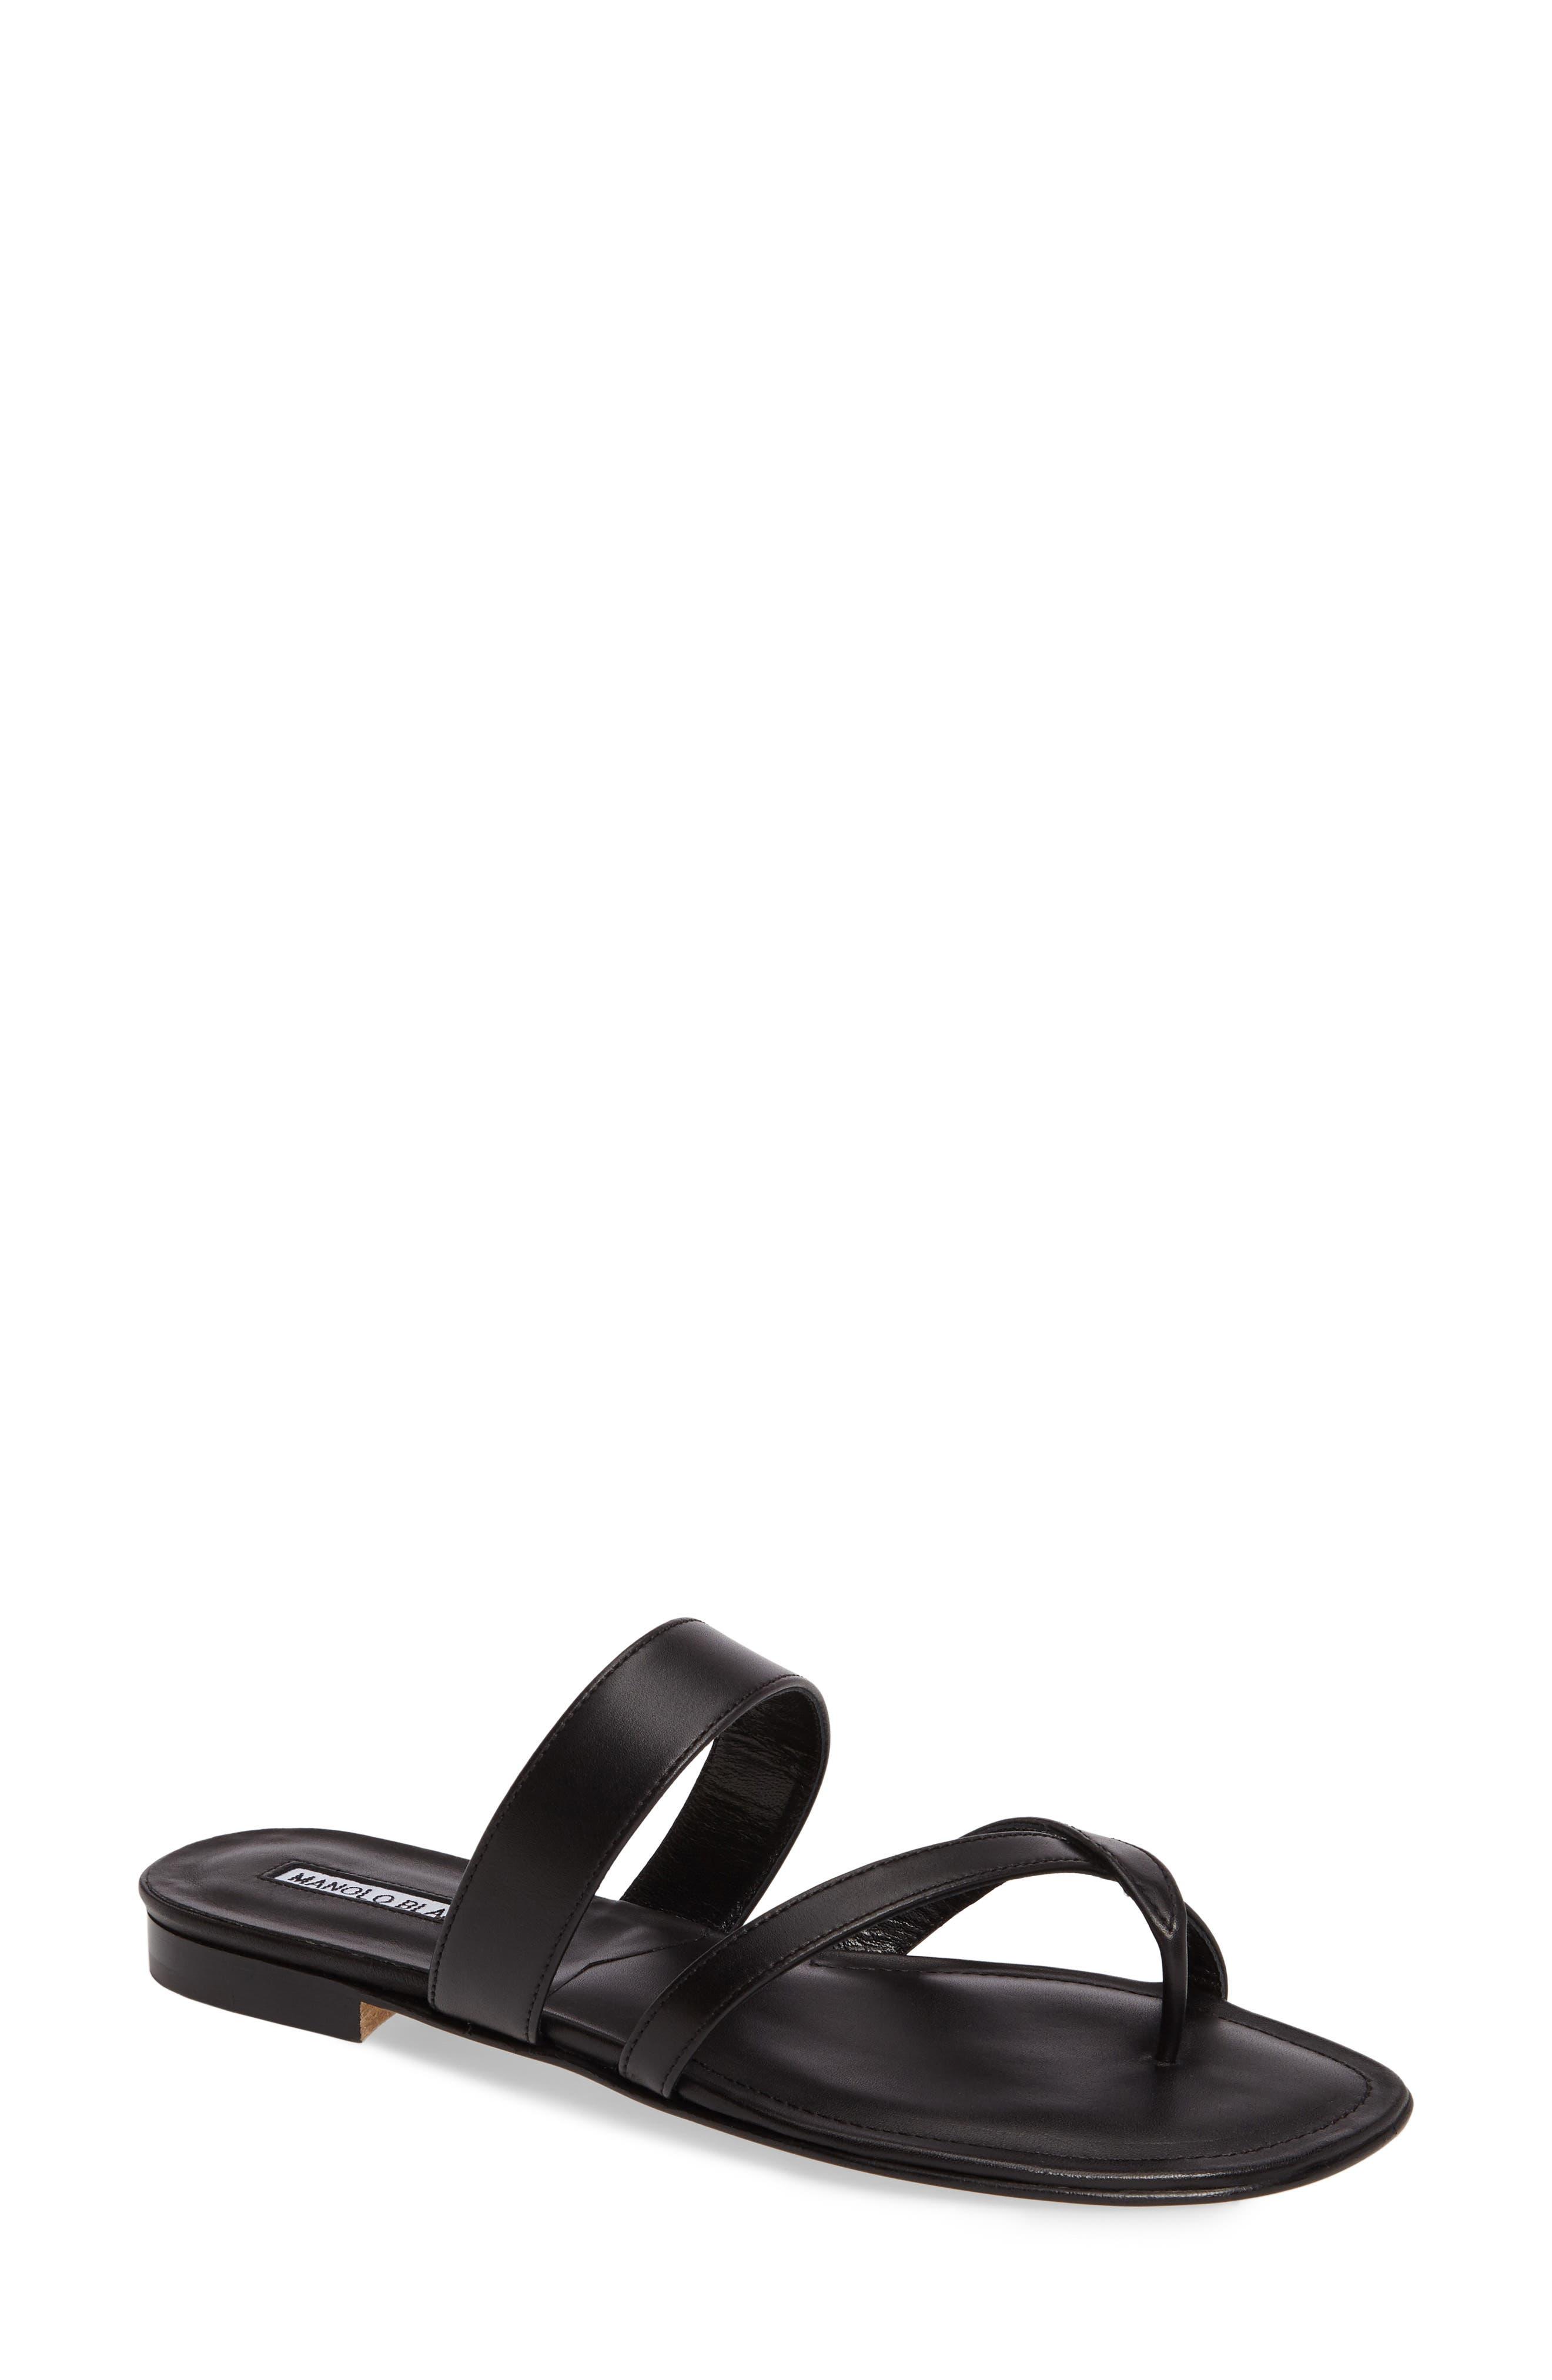 Manolo Blahnik Slide Sandal (Women)